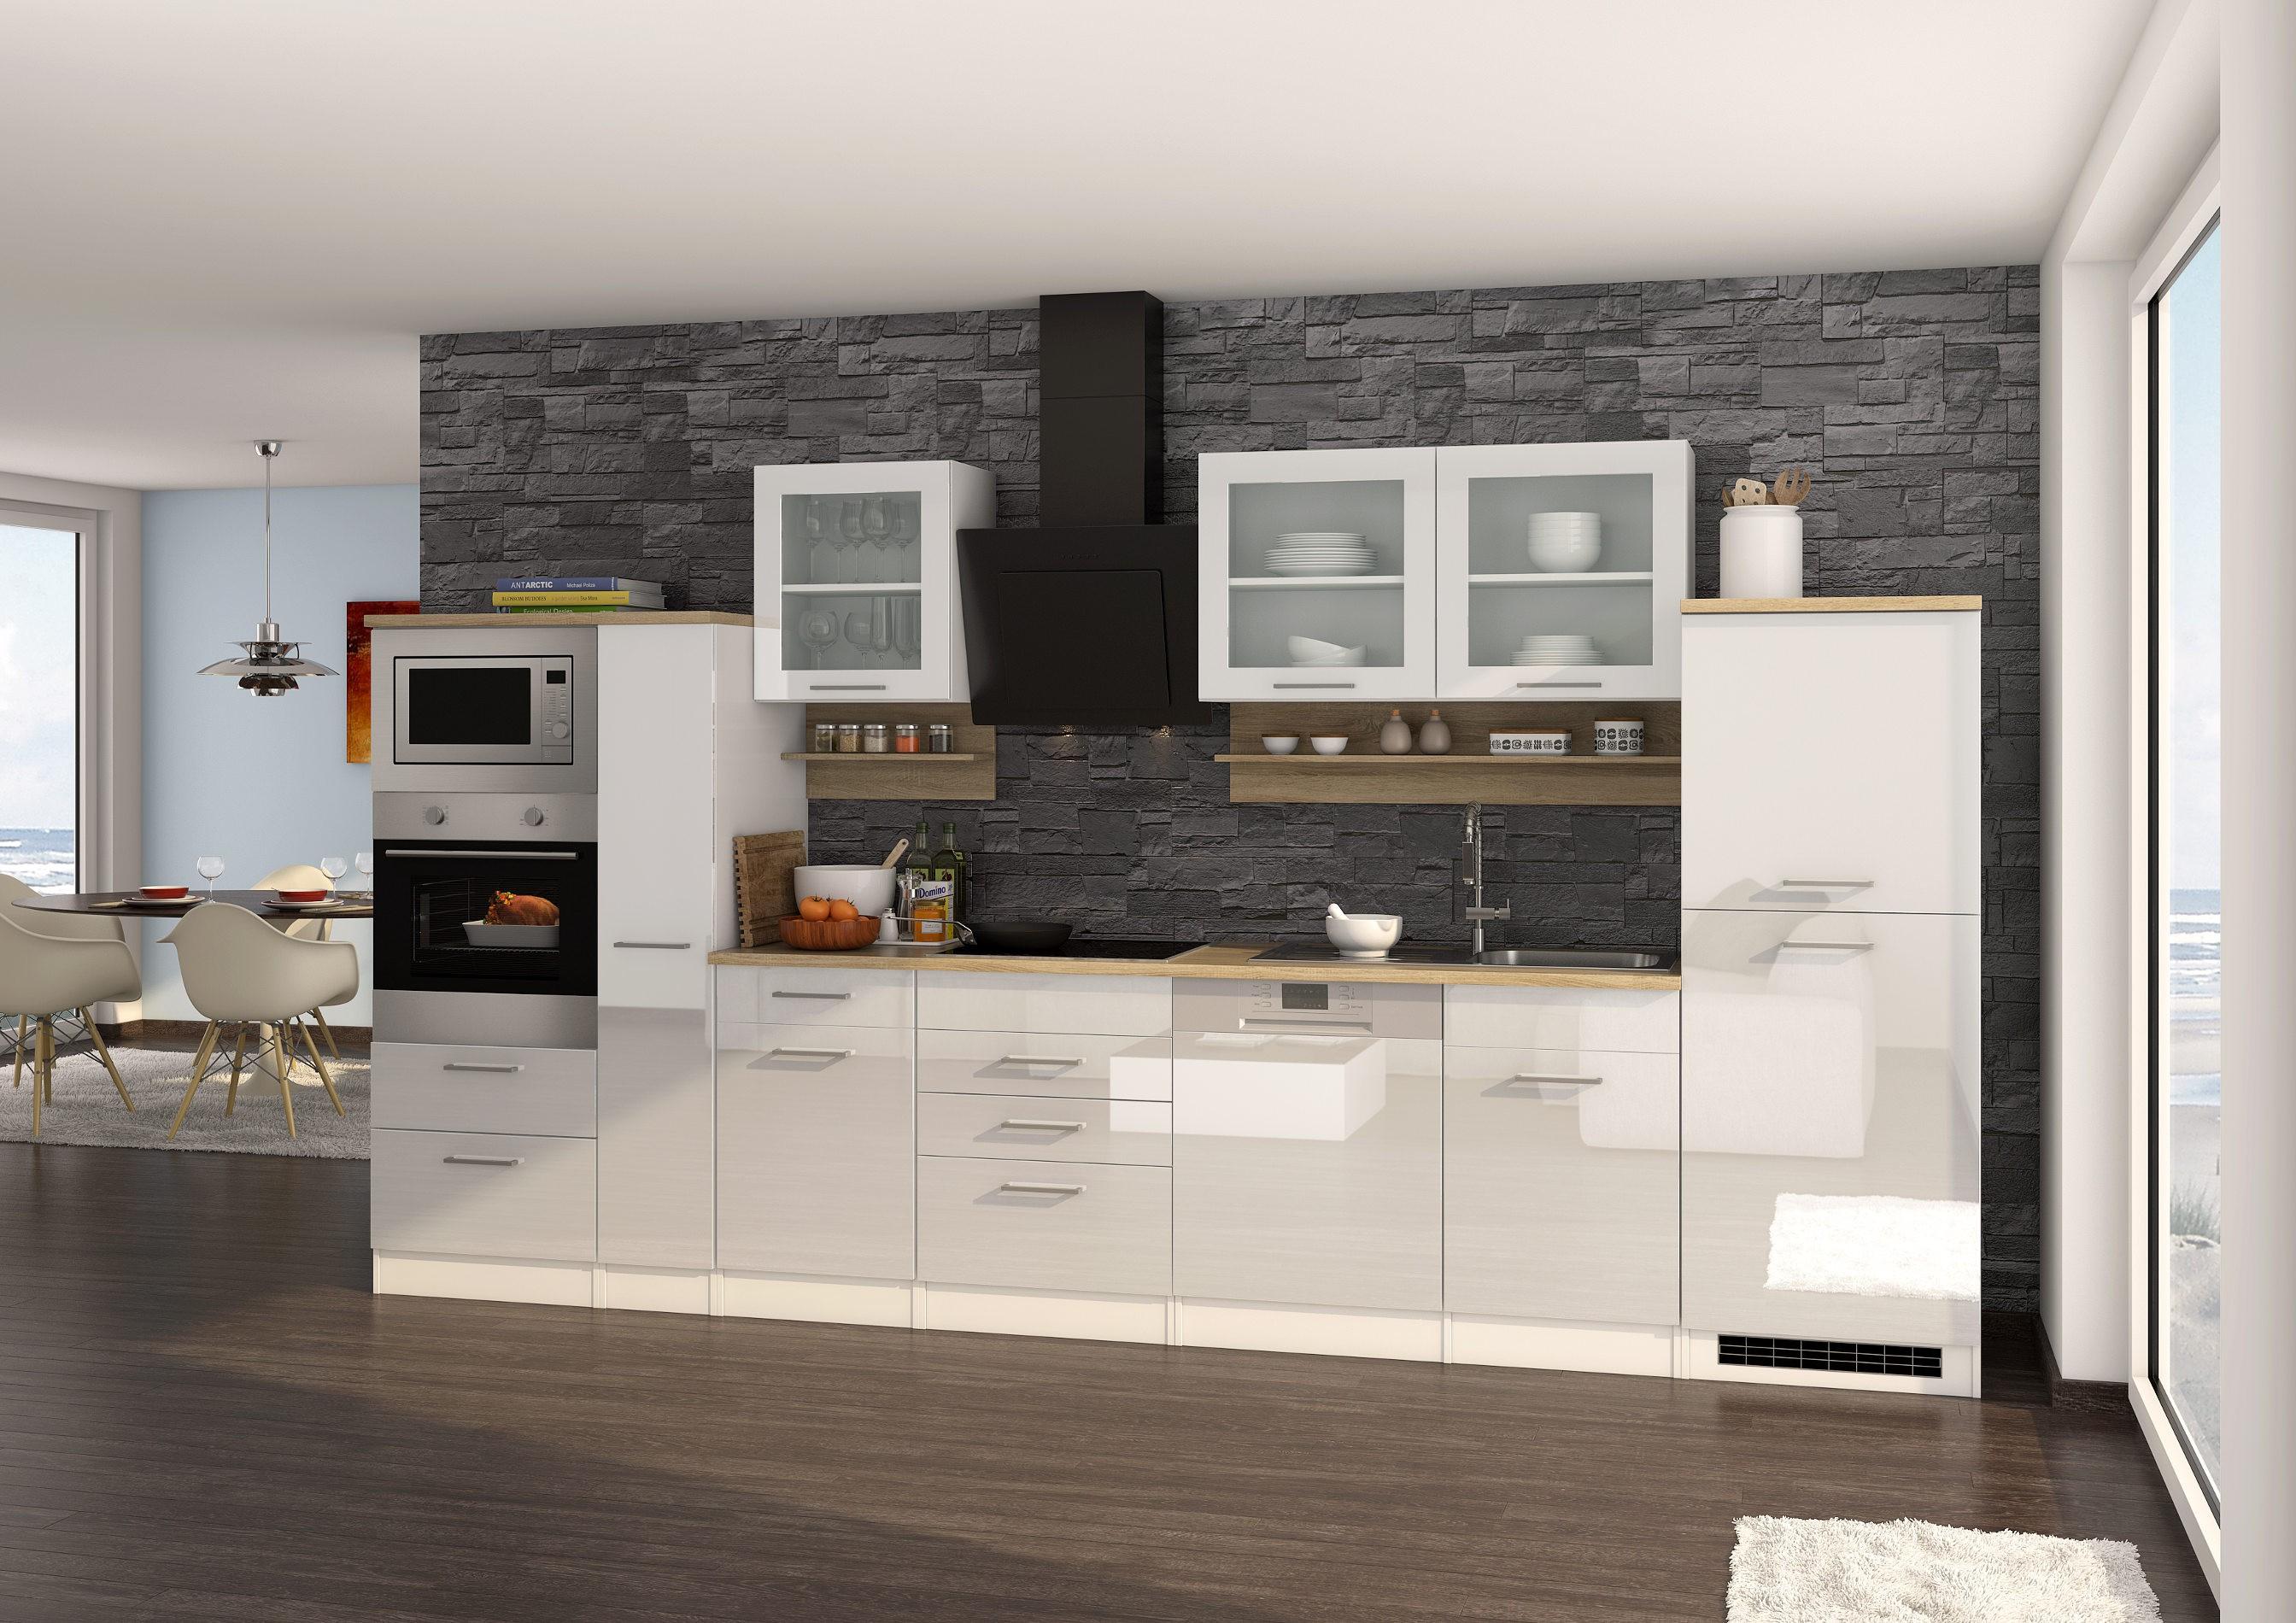 k chen herdumbauschrank m nchen 60 cm breit hochglanz wei k che k chen unterschr nke. Black Bedroom Furniture Sets. Home Design Ideas